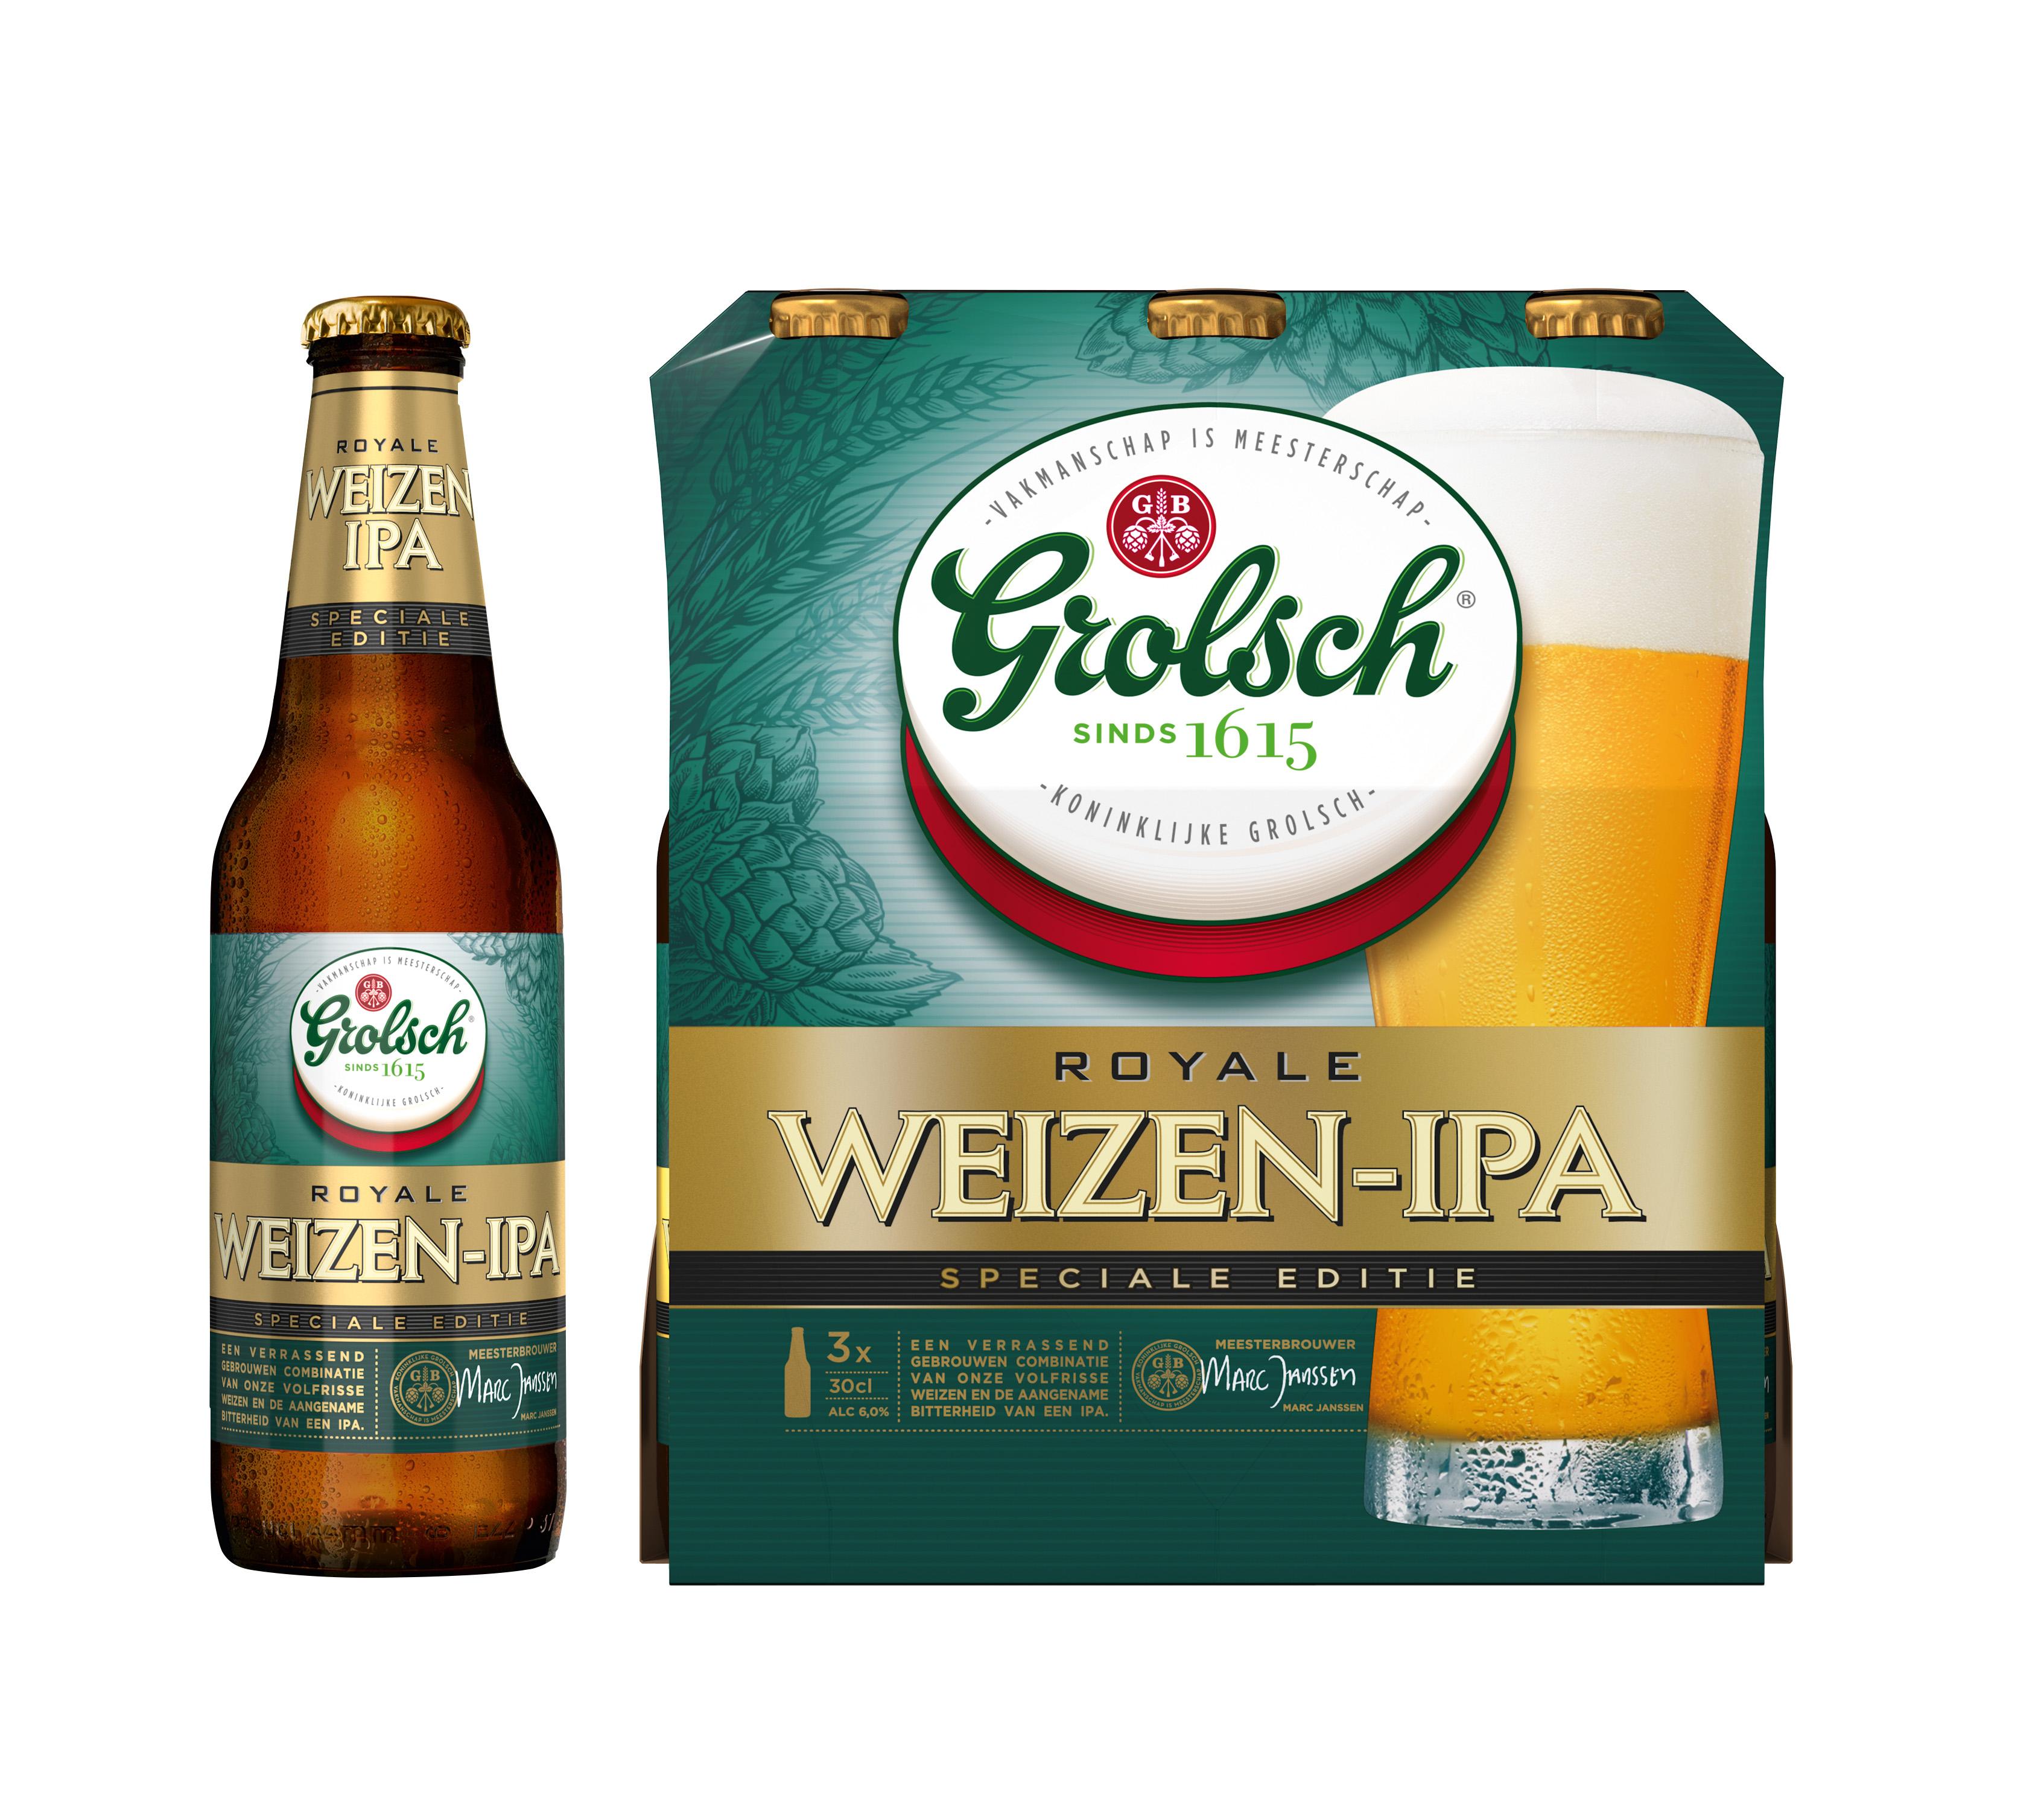 Grolsch Weizen-IPA groot succes en nu ook verkrijgbaar in retail